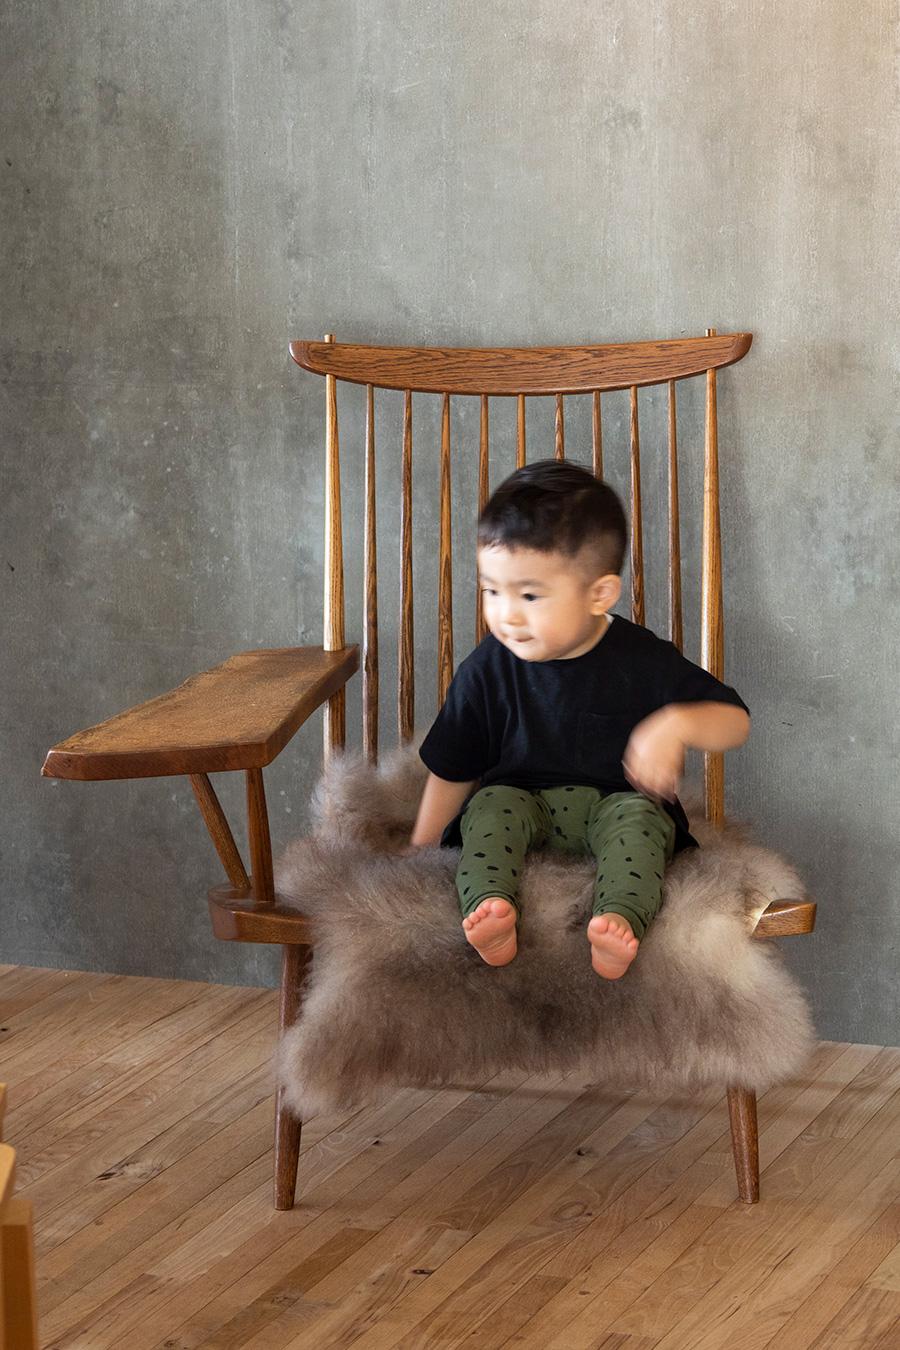 長男・多桜くん(2歳)が座るのは、1960年代のジョージ ナカシマのラウンジアームチェア。アームはひとつひとつ異なるデザイン。イスでアートの英才教育中の、古久保さんのインスタグラムにも注目。